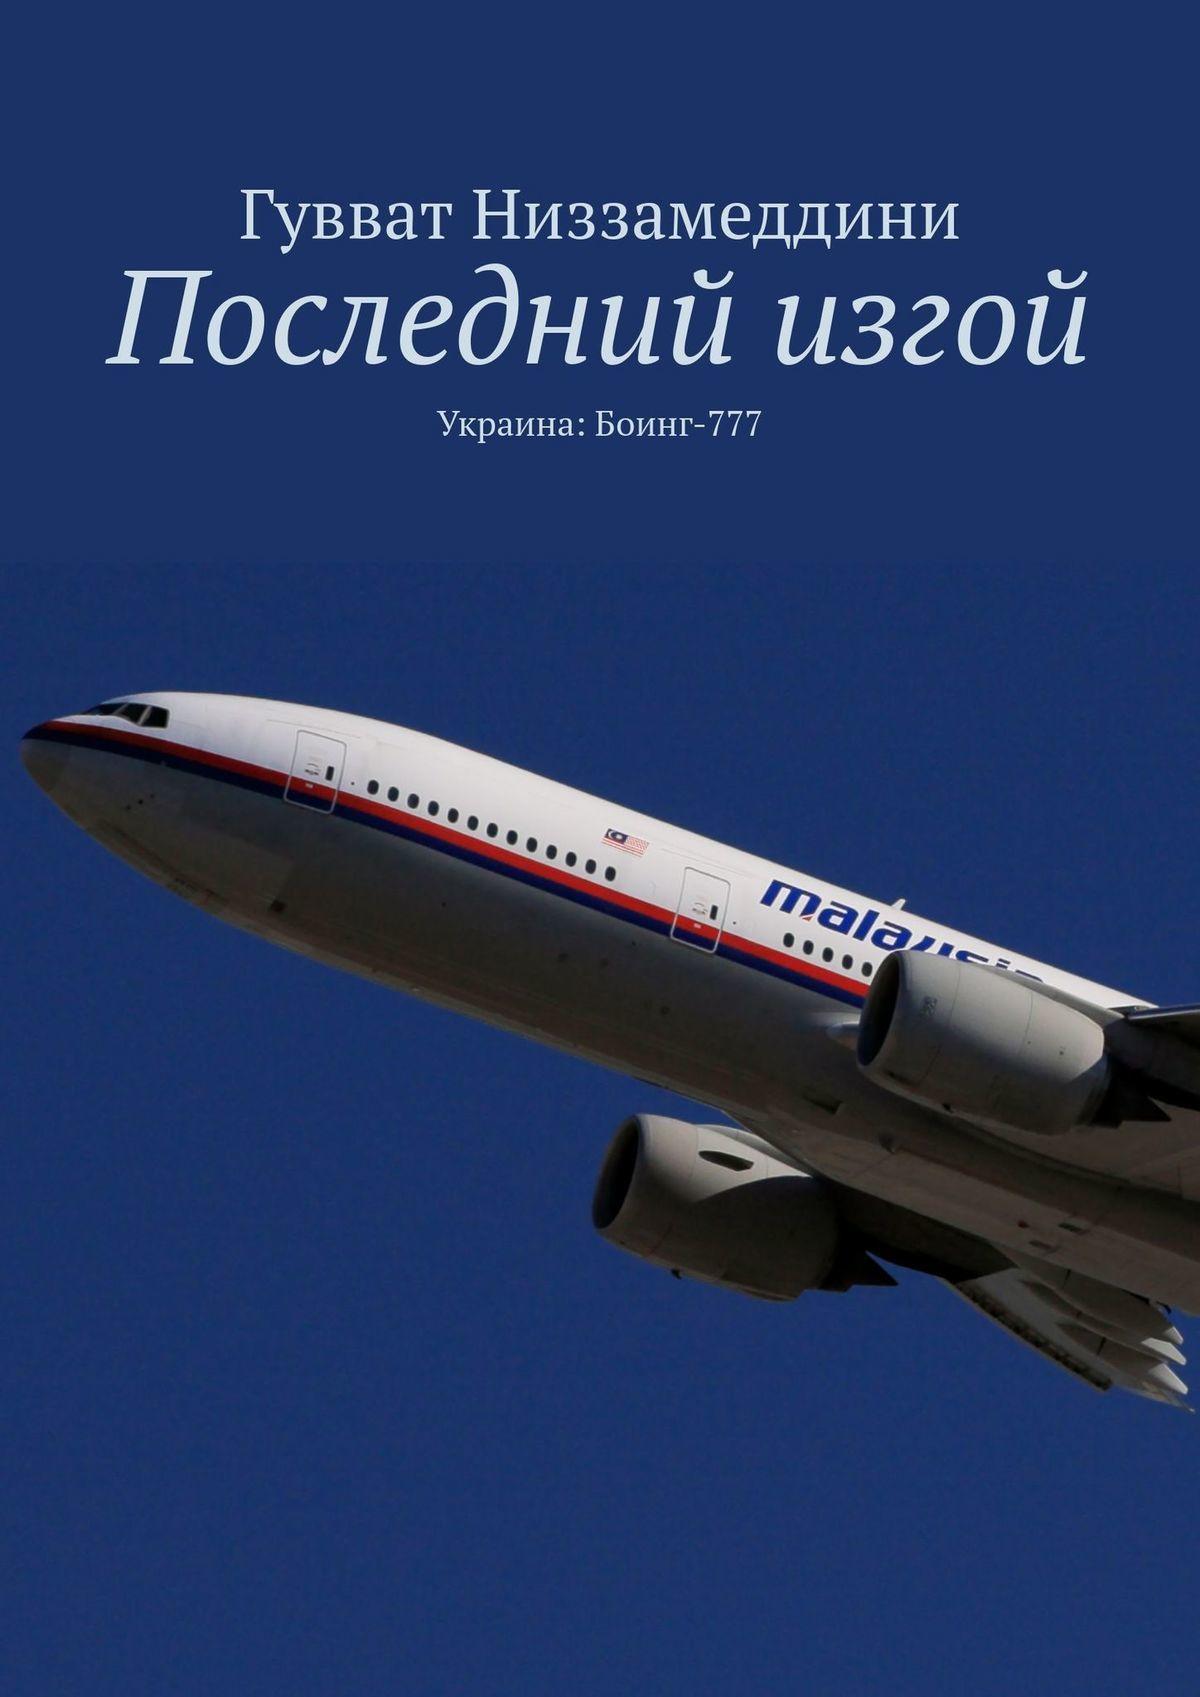 Гувват Низзамеддини - Последний изгой. Украина: Боинг-777